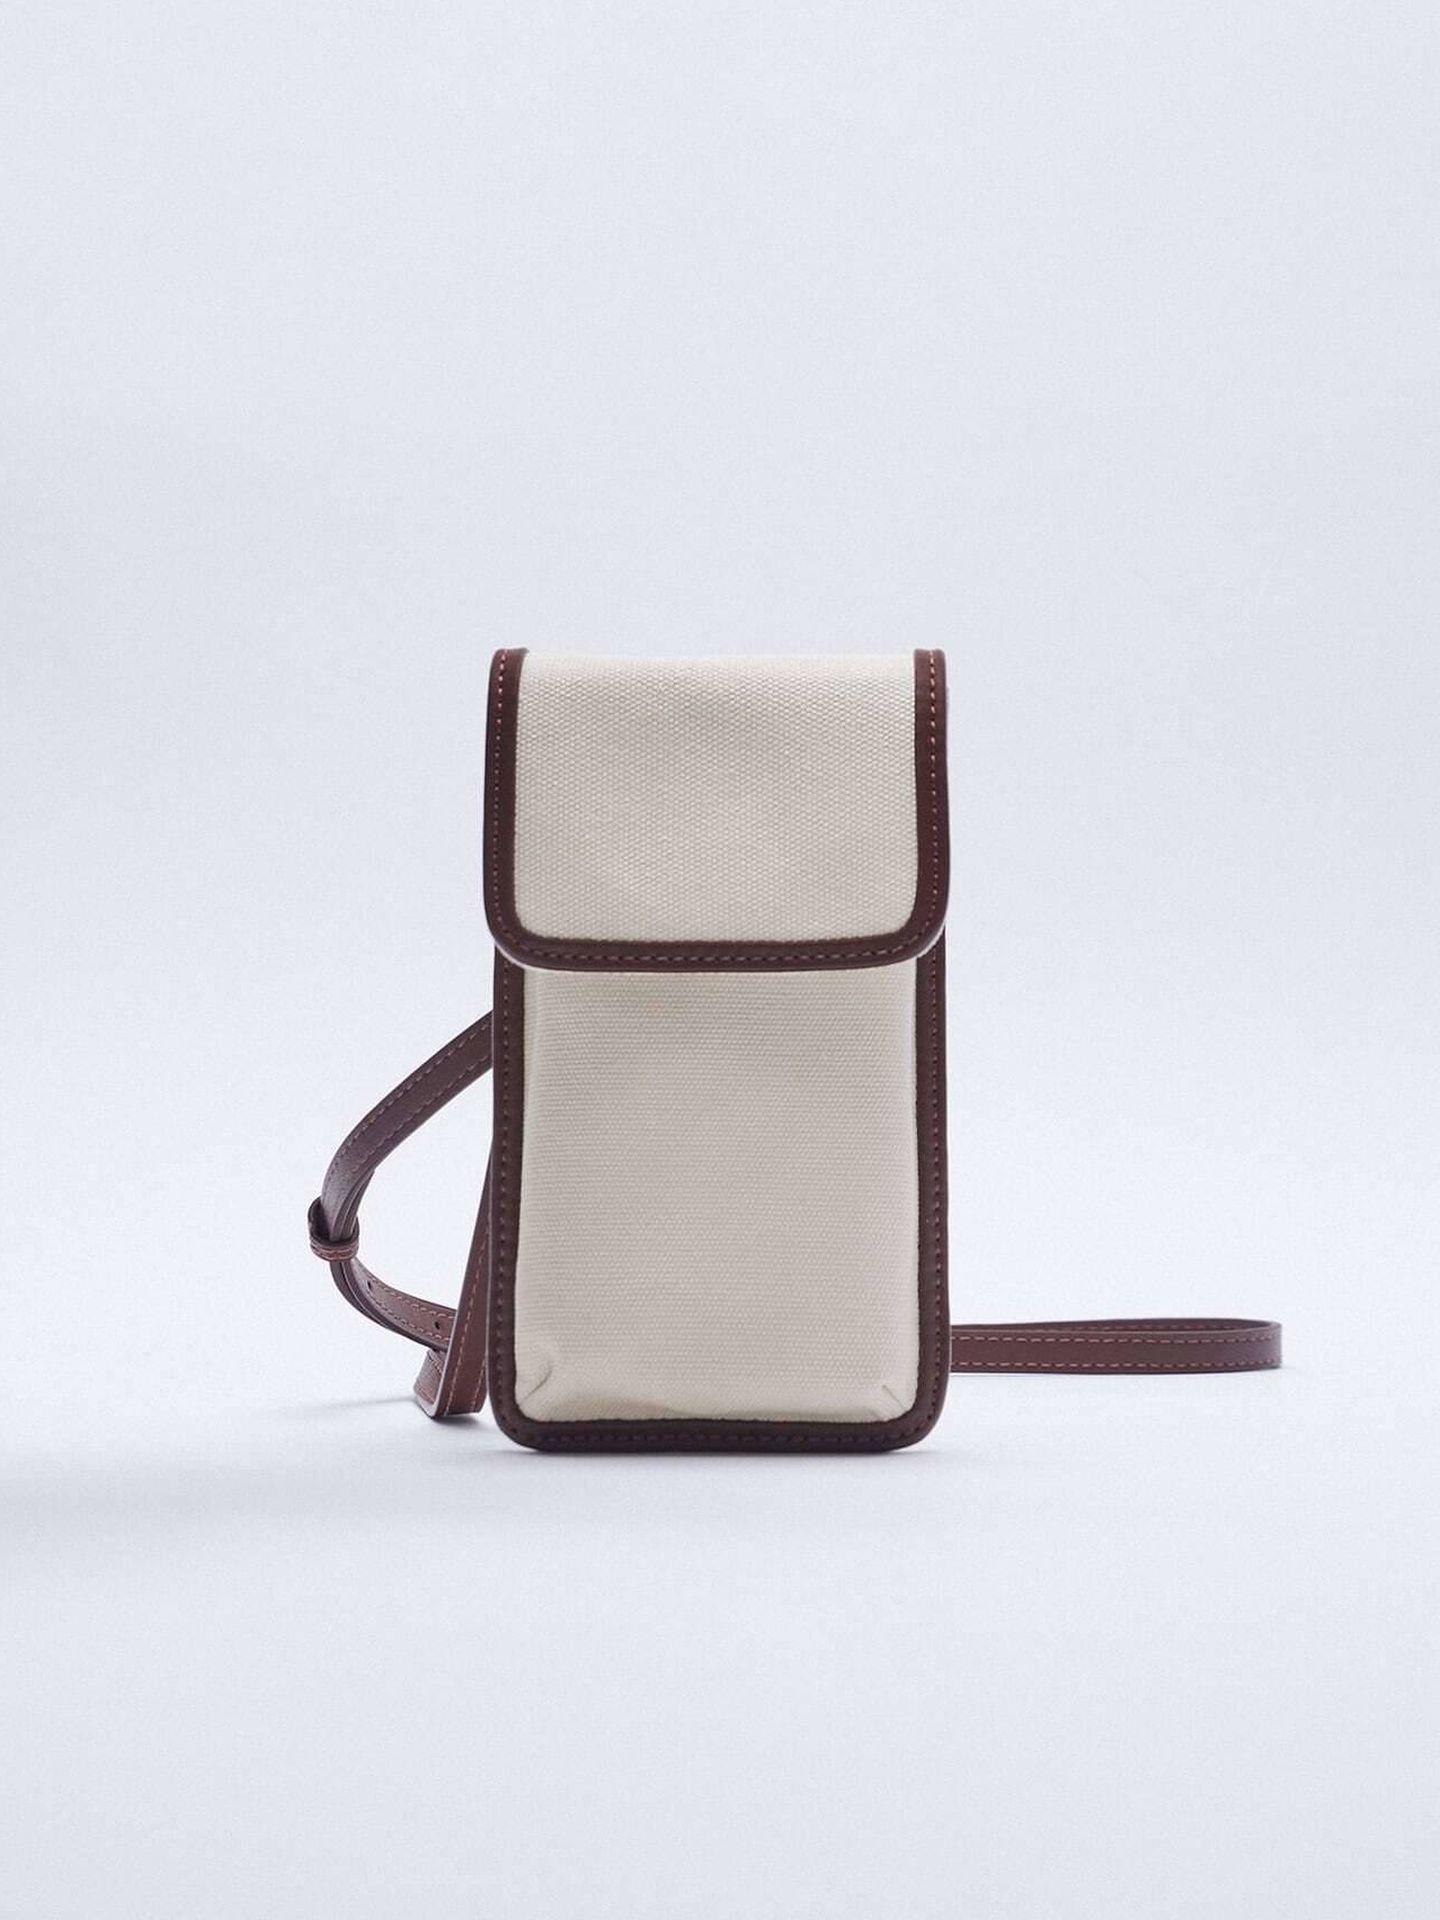 El bolso personalizado de Zara para llevar tu móvil. (Cortesía)